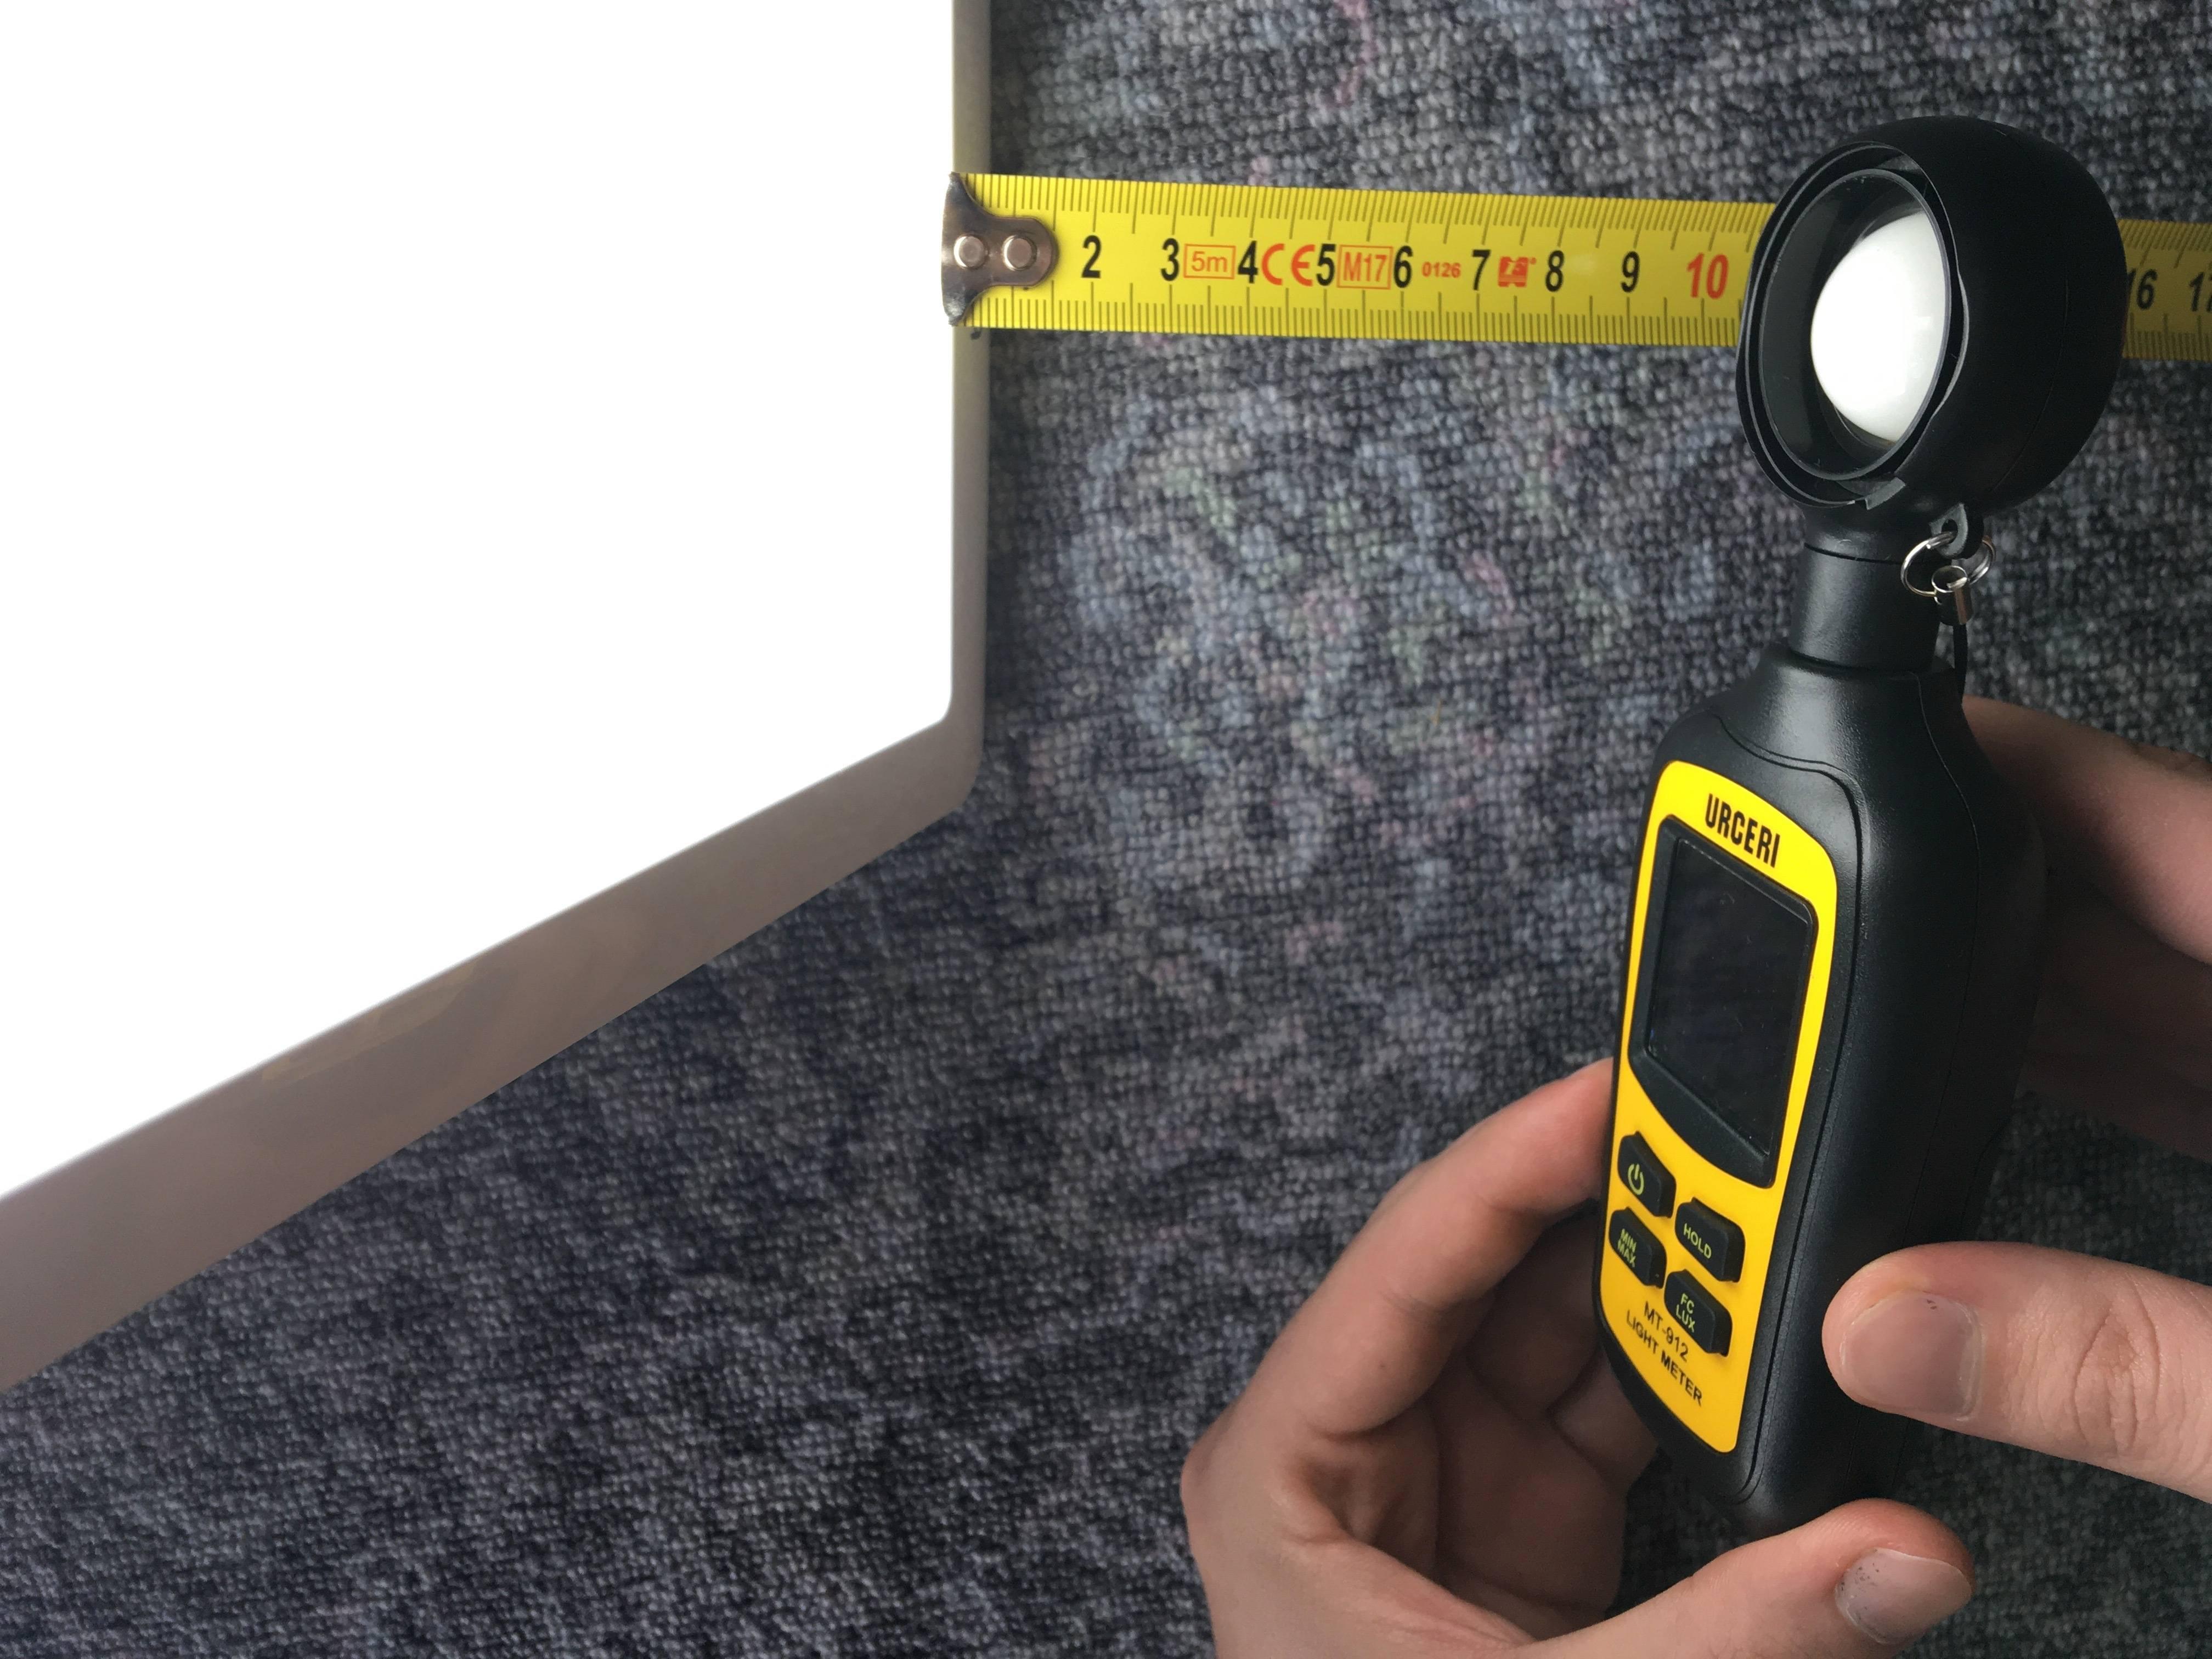 Messung der Lichtausbeute (Lux) mit einem Luxmeter